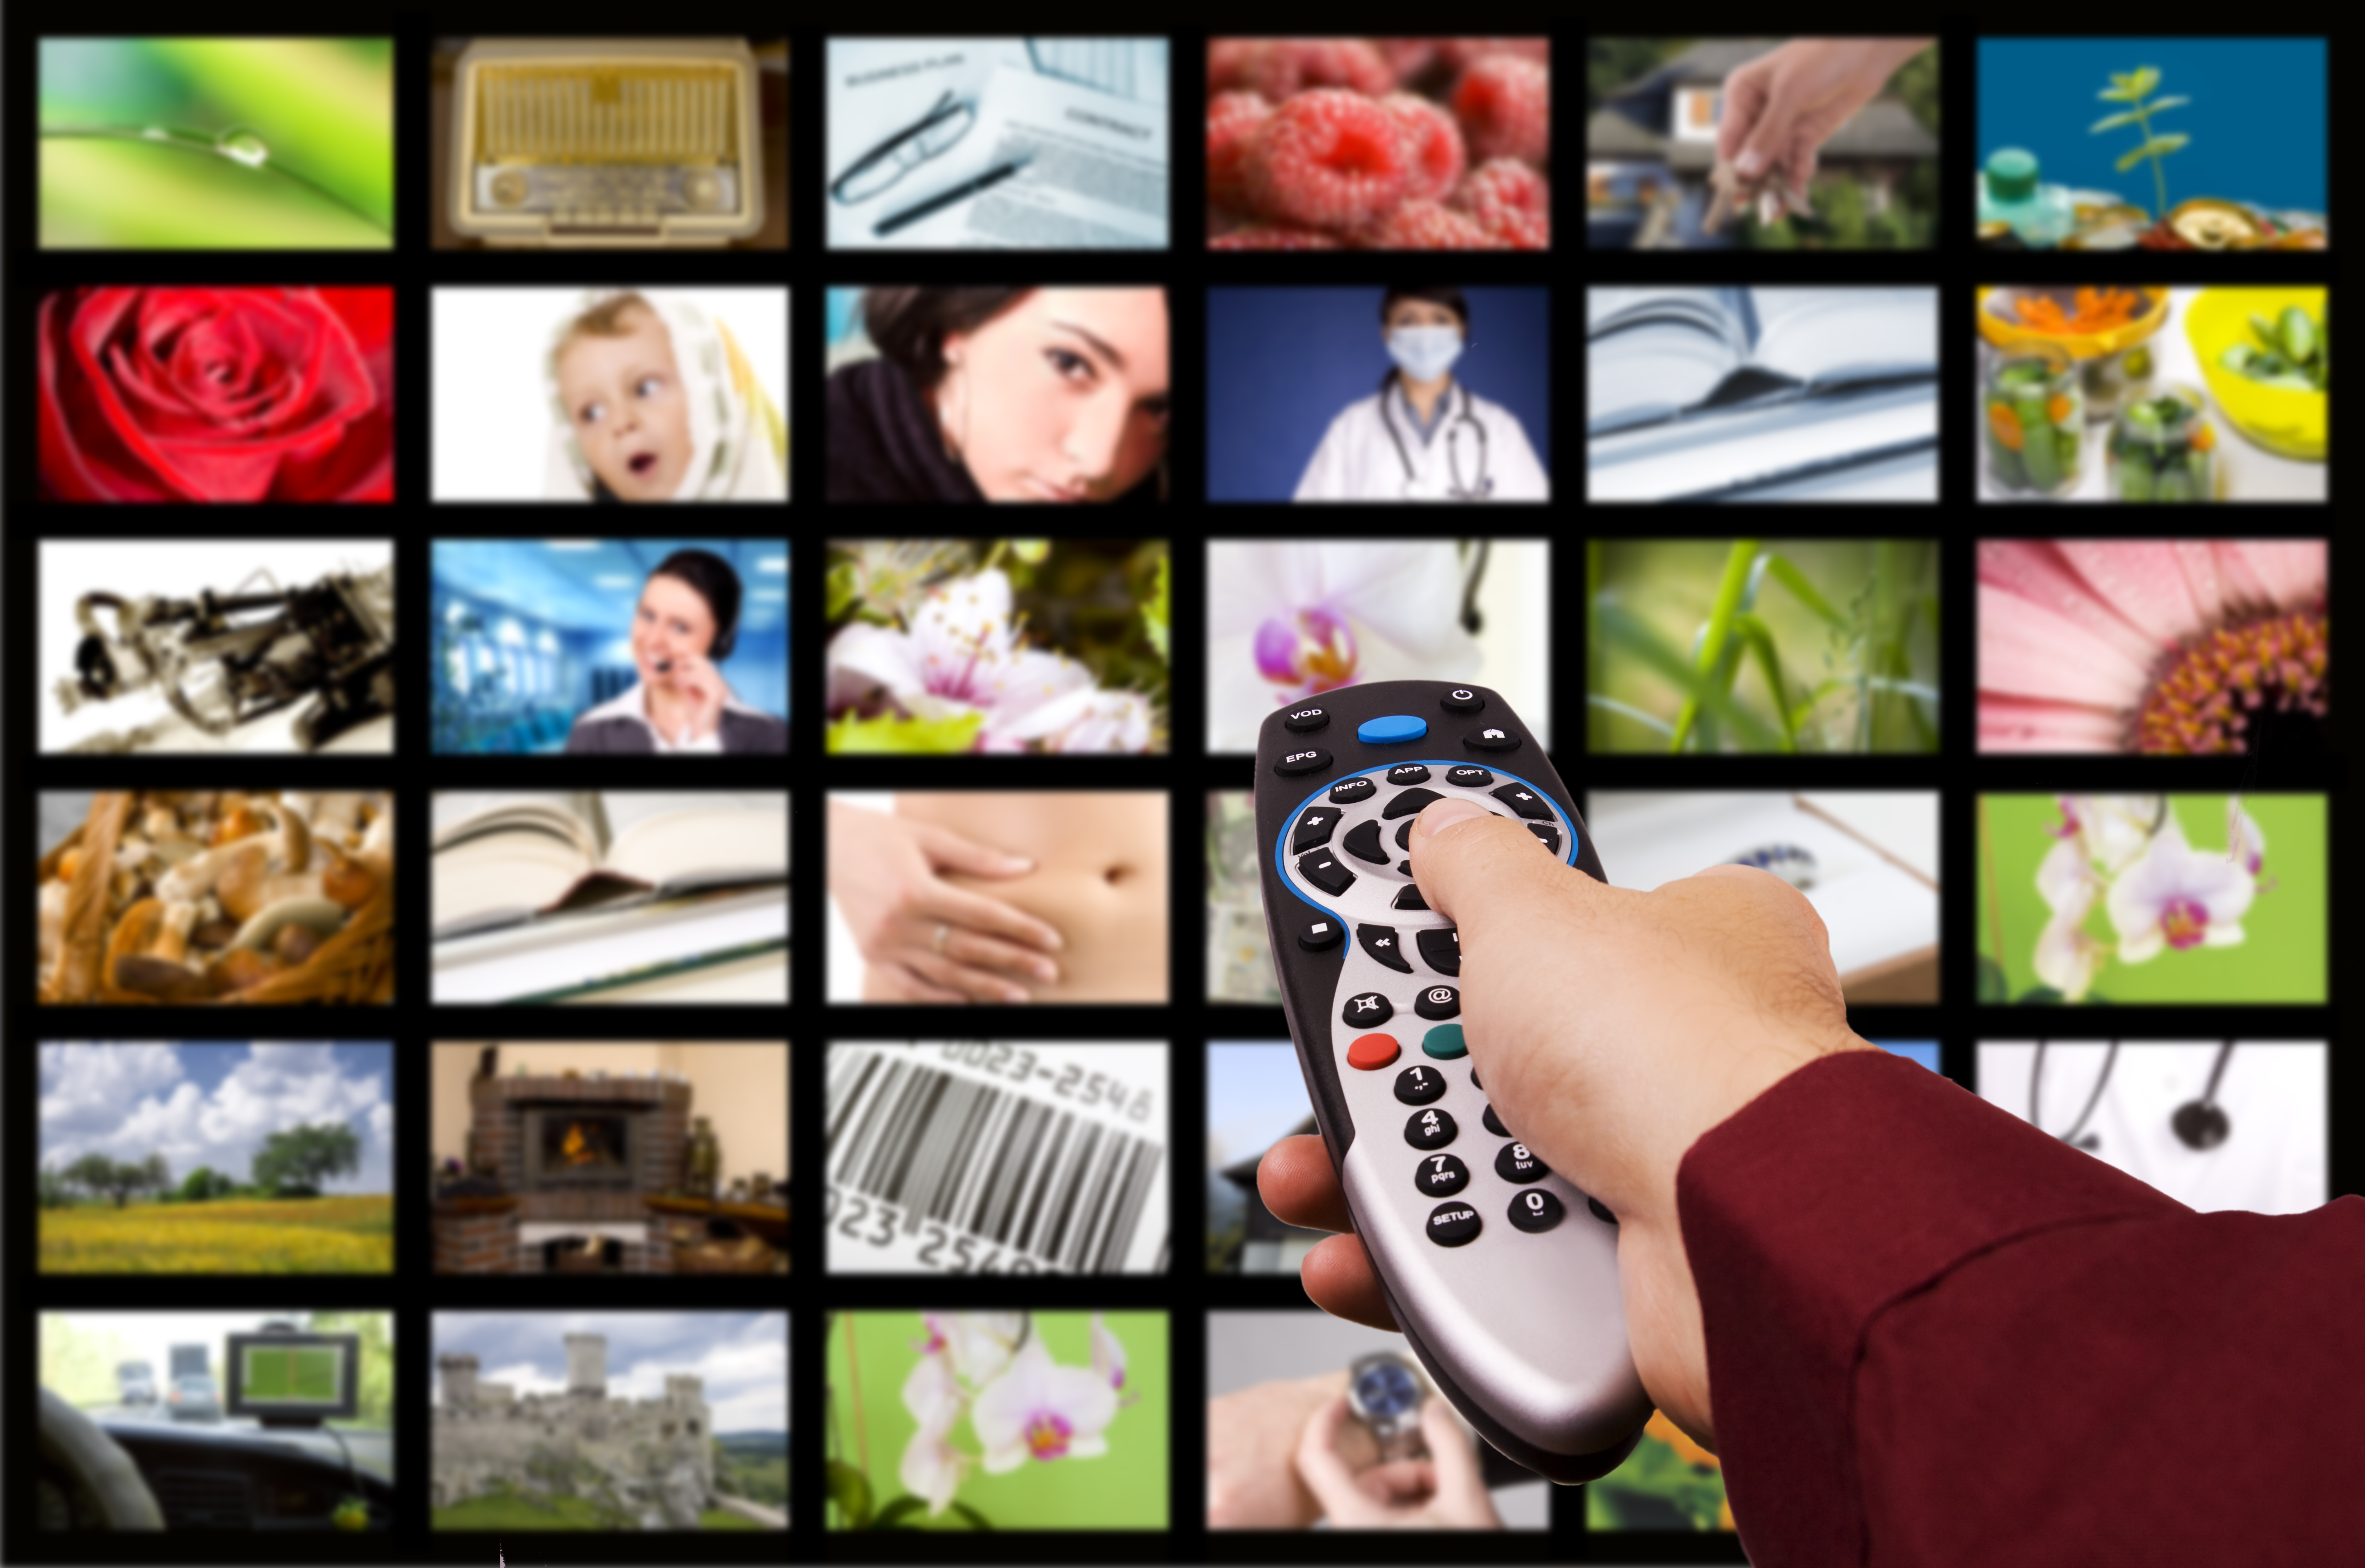 Телеканалы которые транслируют порно 12 фотография